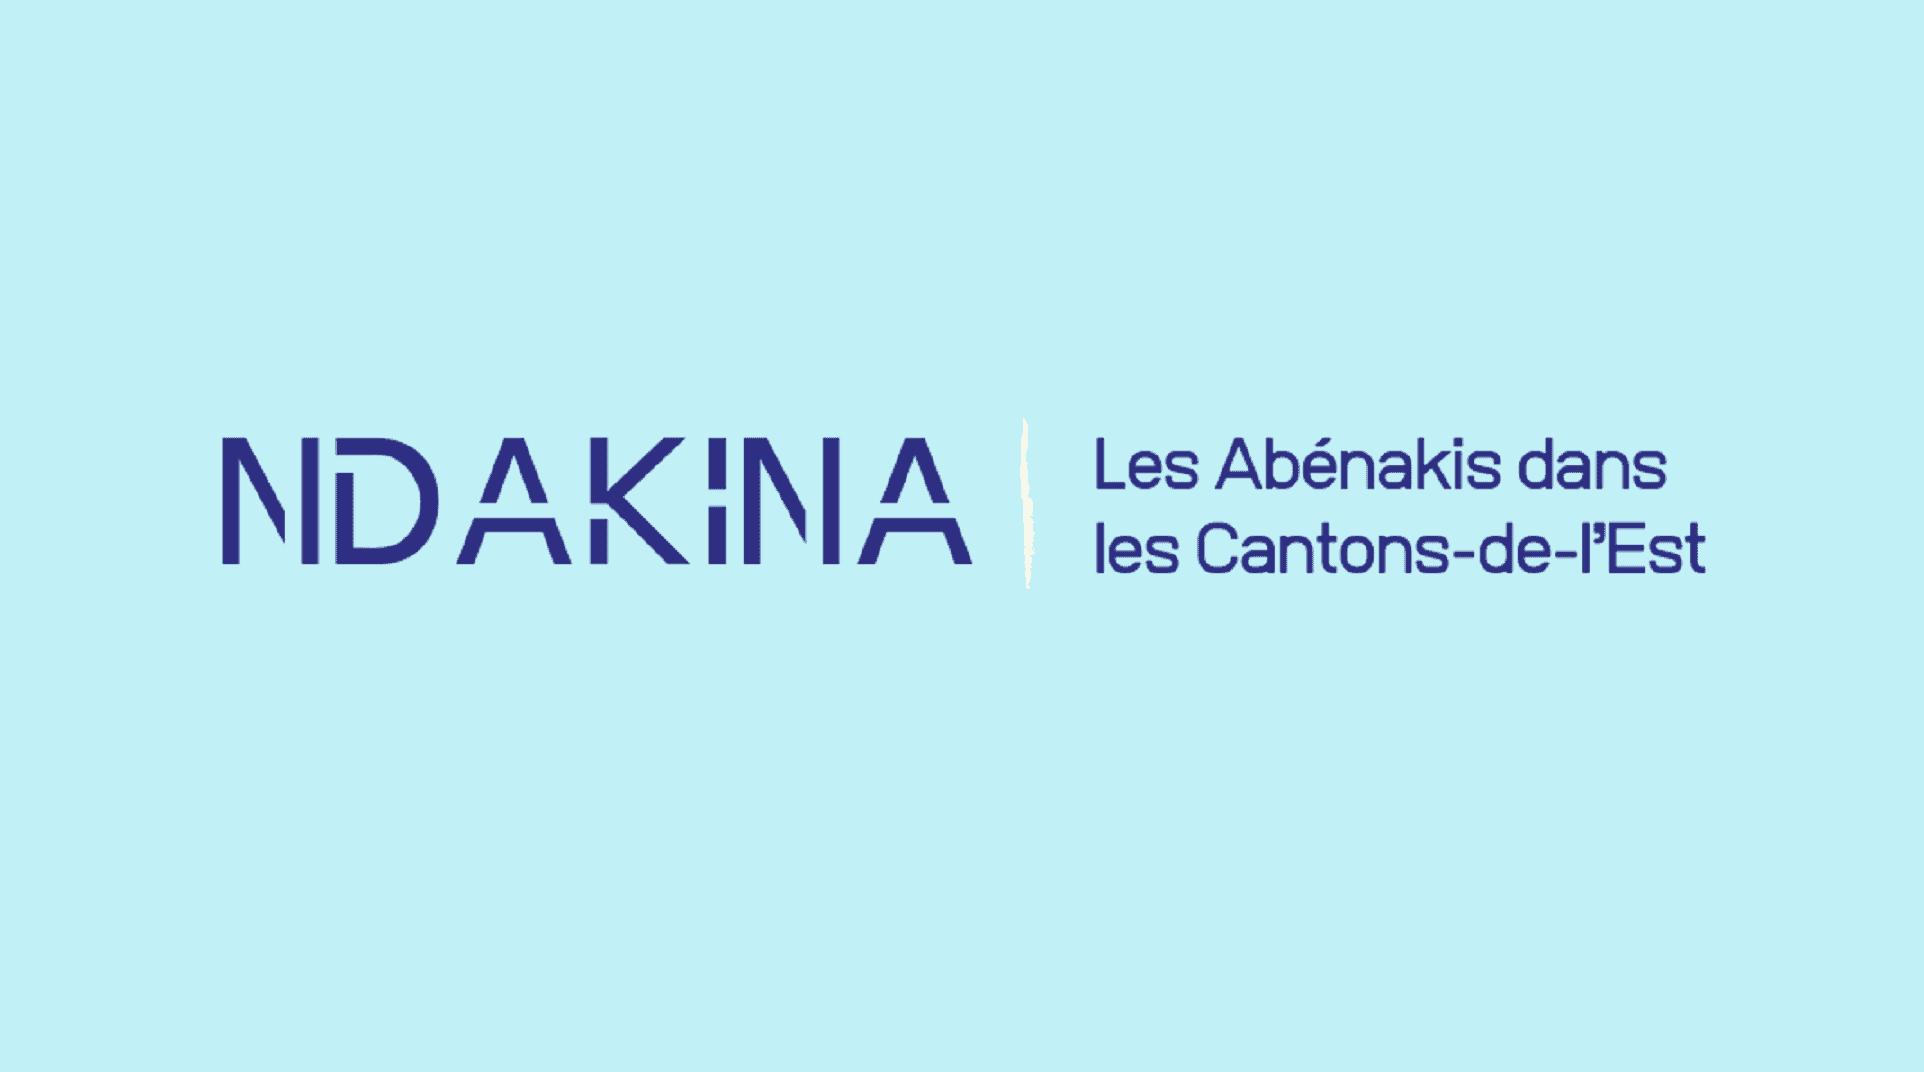 """Inauguration of the exhibition """"Ndakina – Les Abénakis dans les Cantons-de-l'Est"""""""